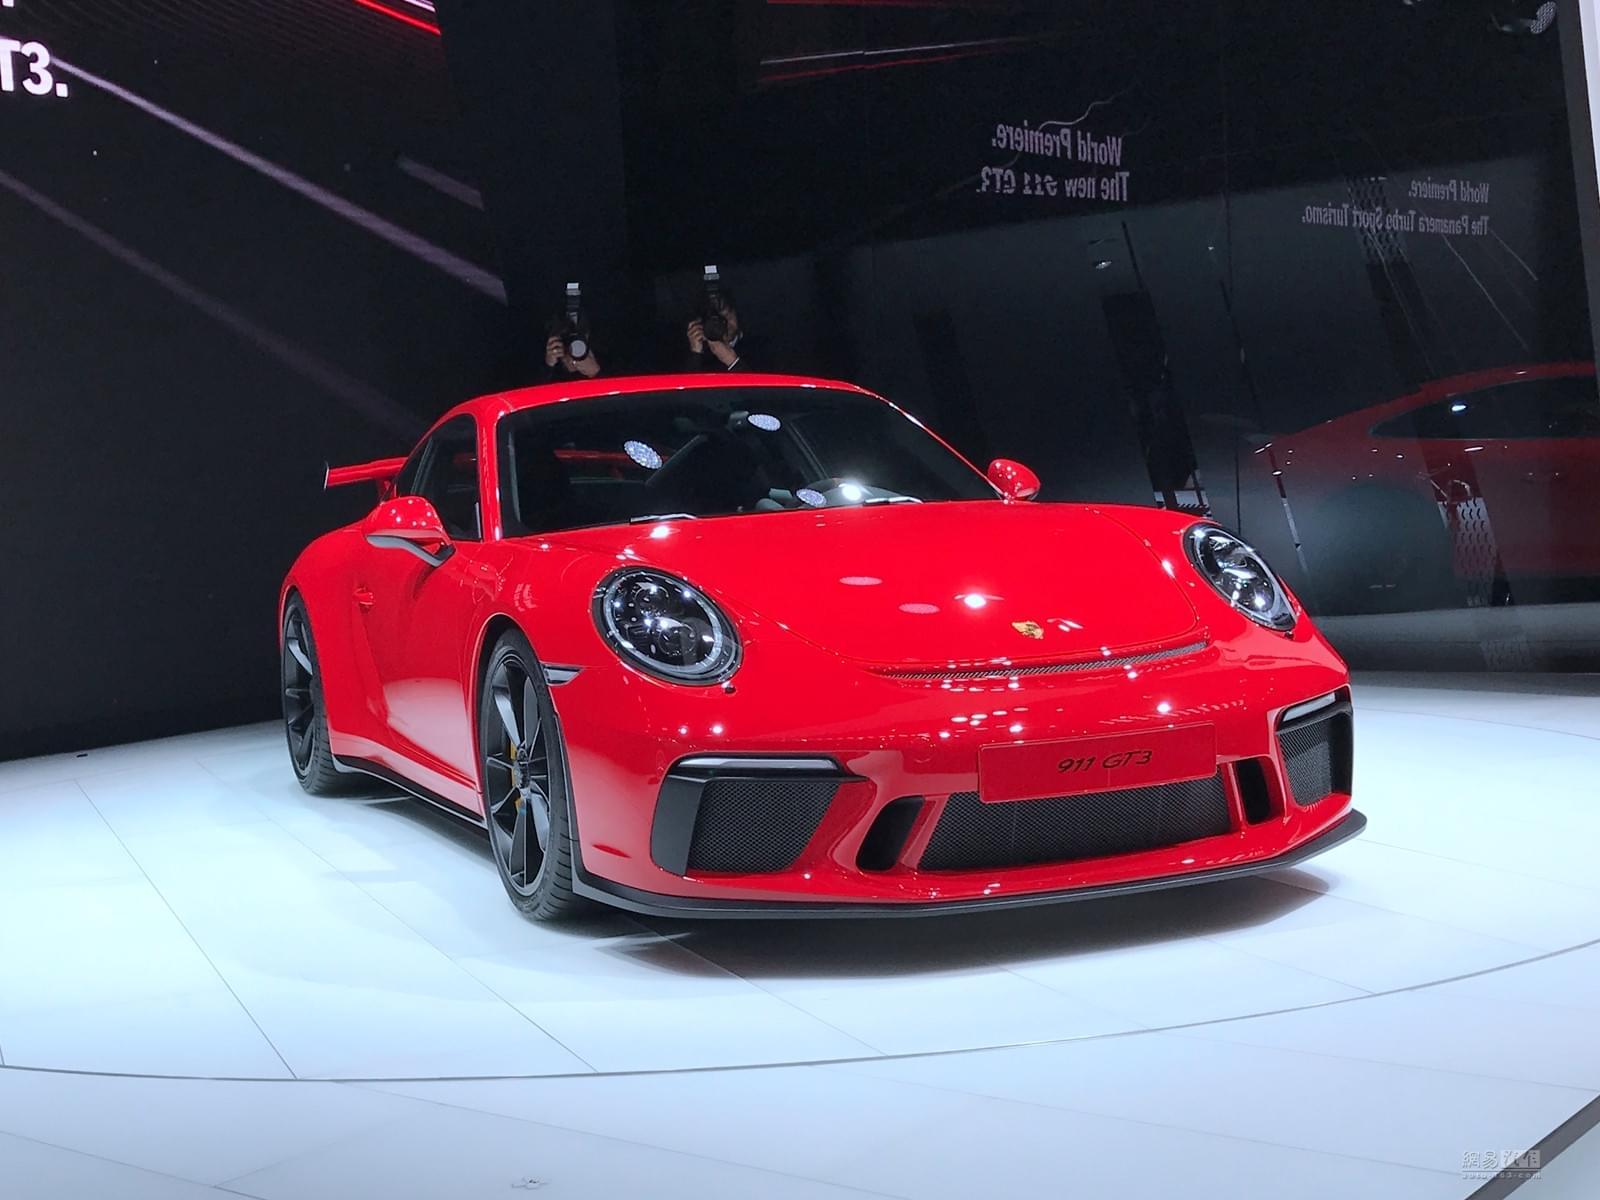 2017日内瓦车展:保时捷新款911 GT3发布